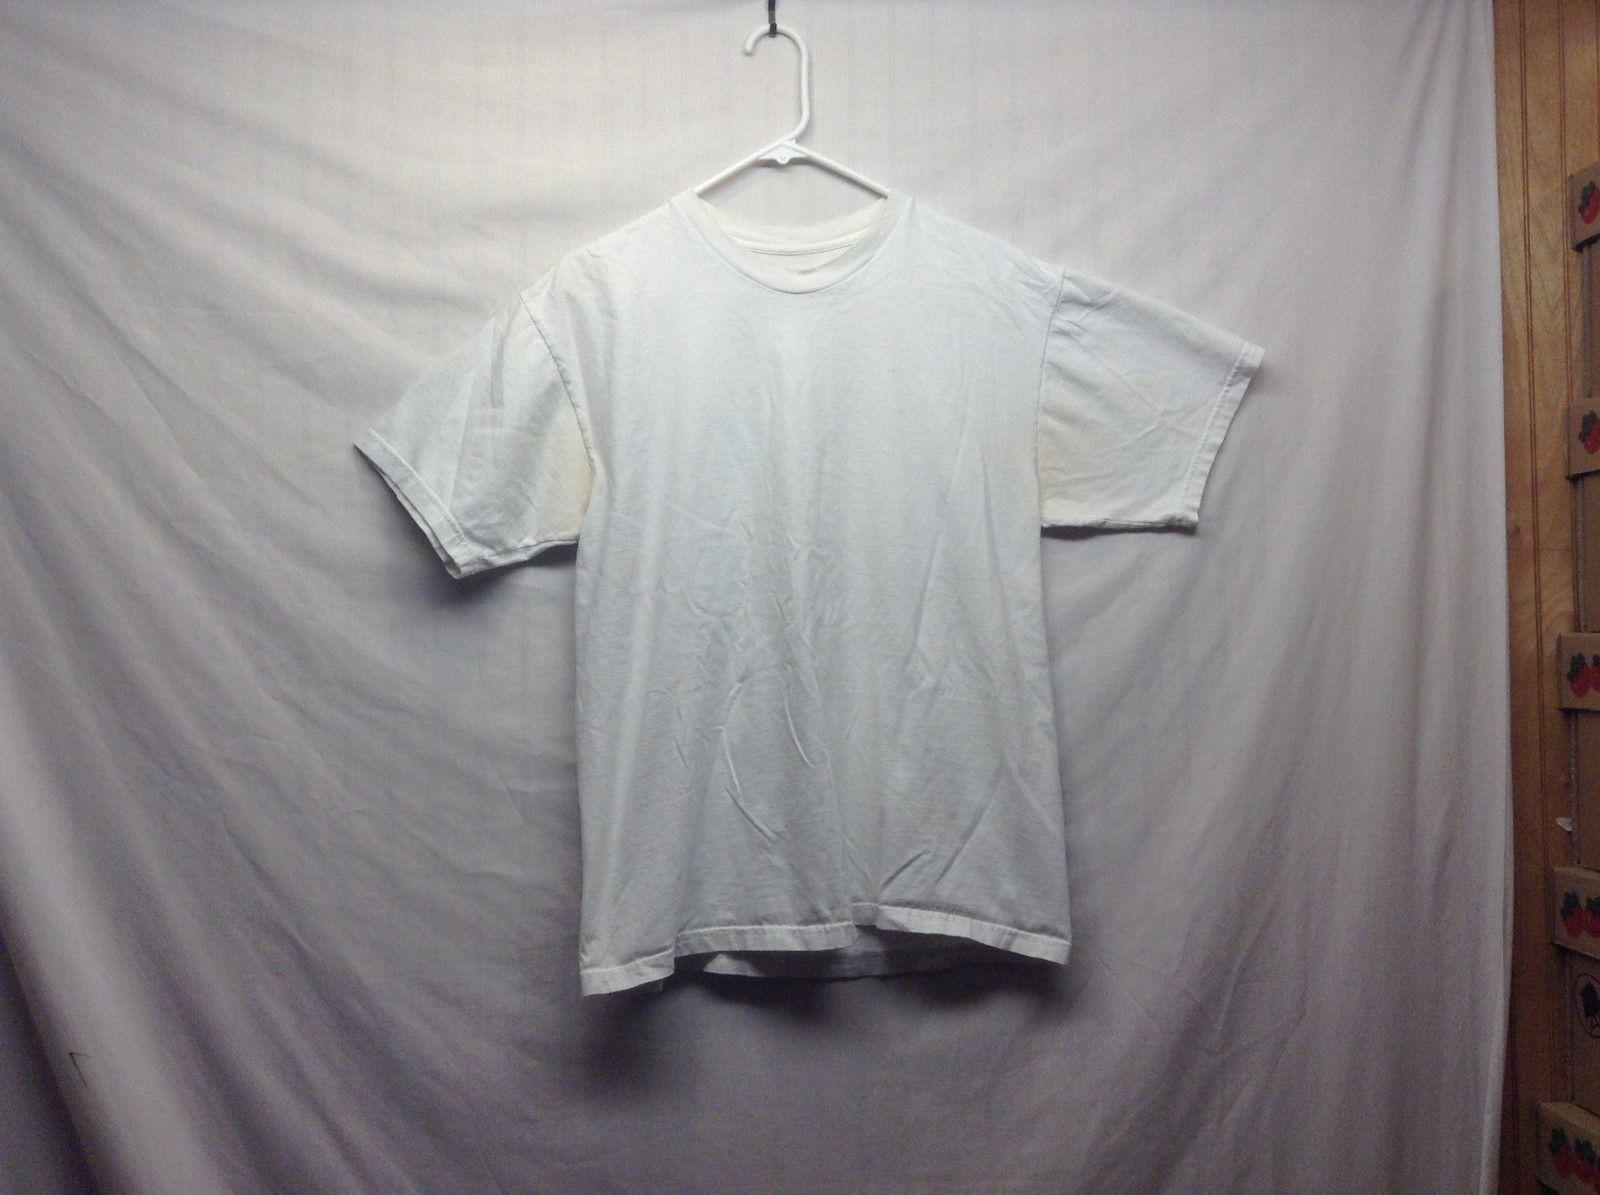 Kirkland Signature White Cotton T Shirt Sz LG